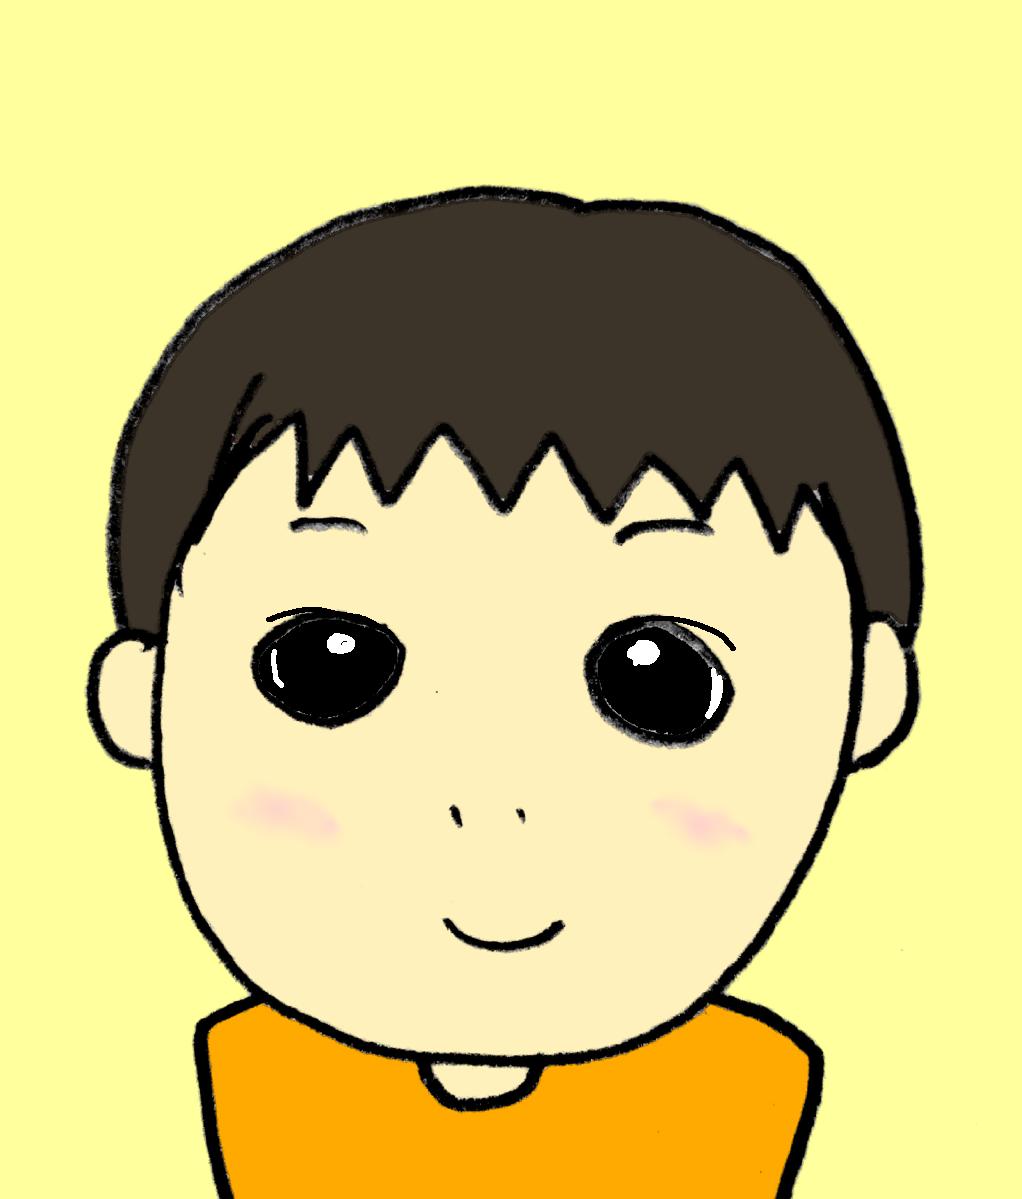 f:id:bukiyokachan:20200518170831p:plain